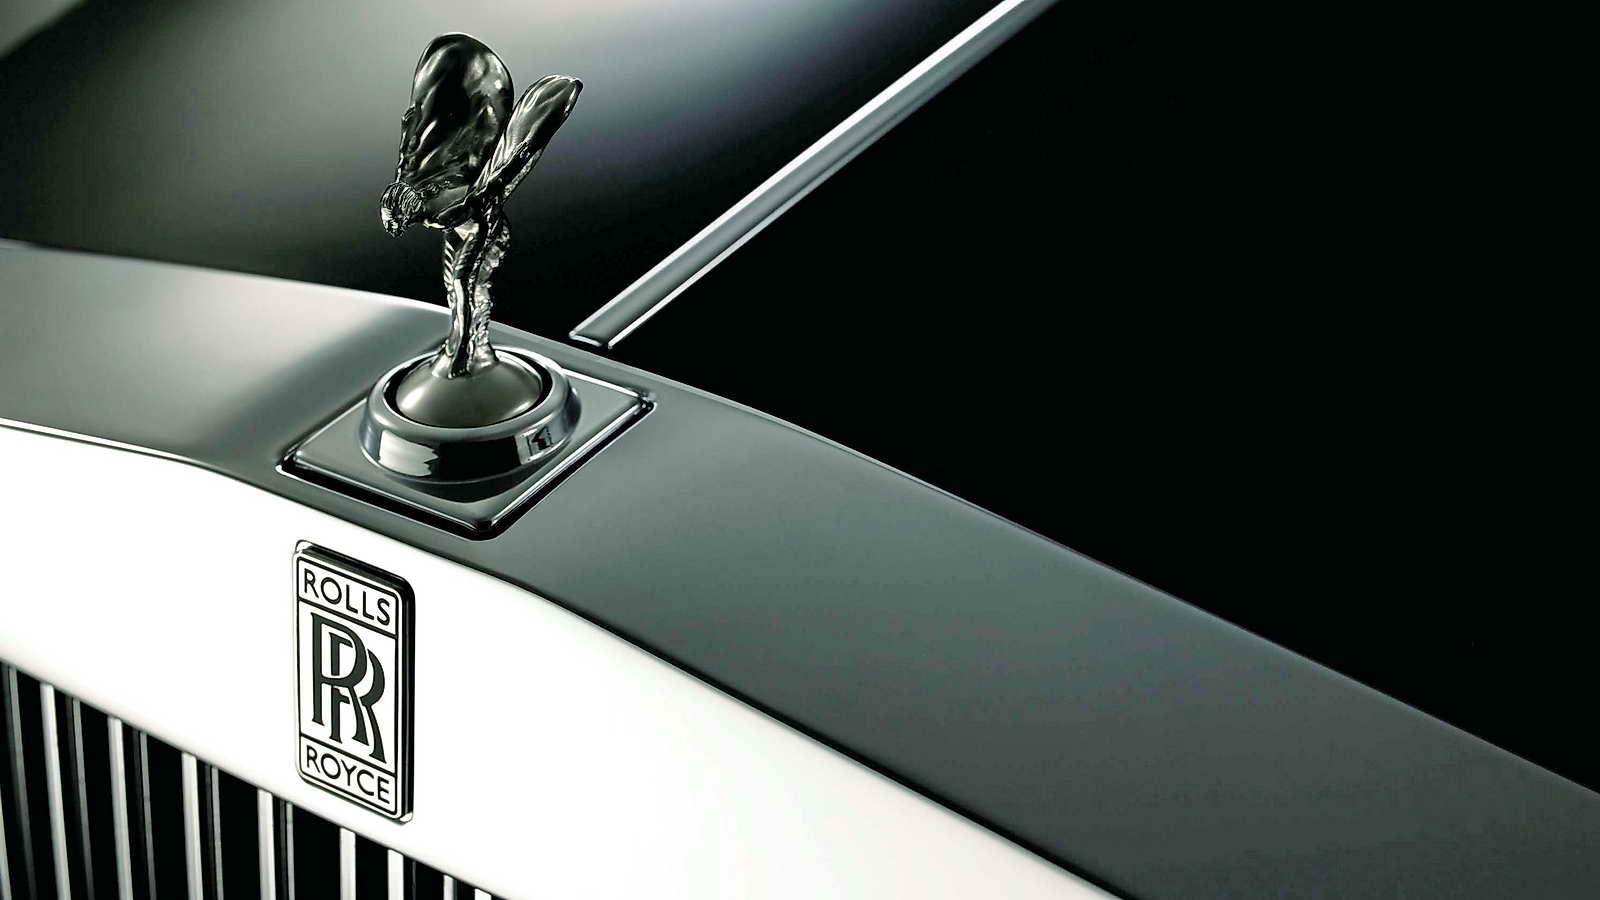 Rolls-Royce_paradigma_del_lujo_001